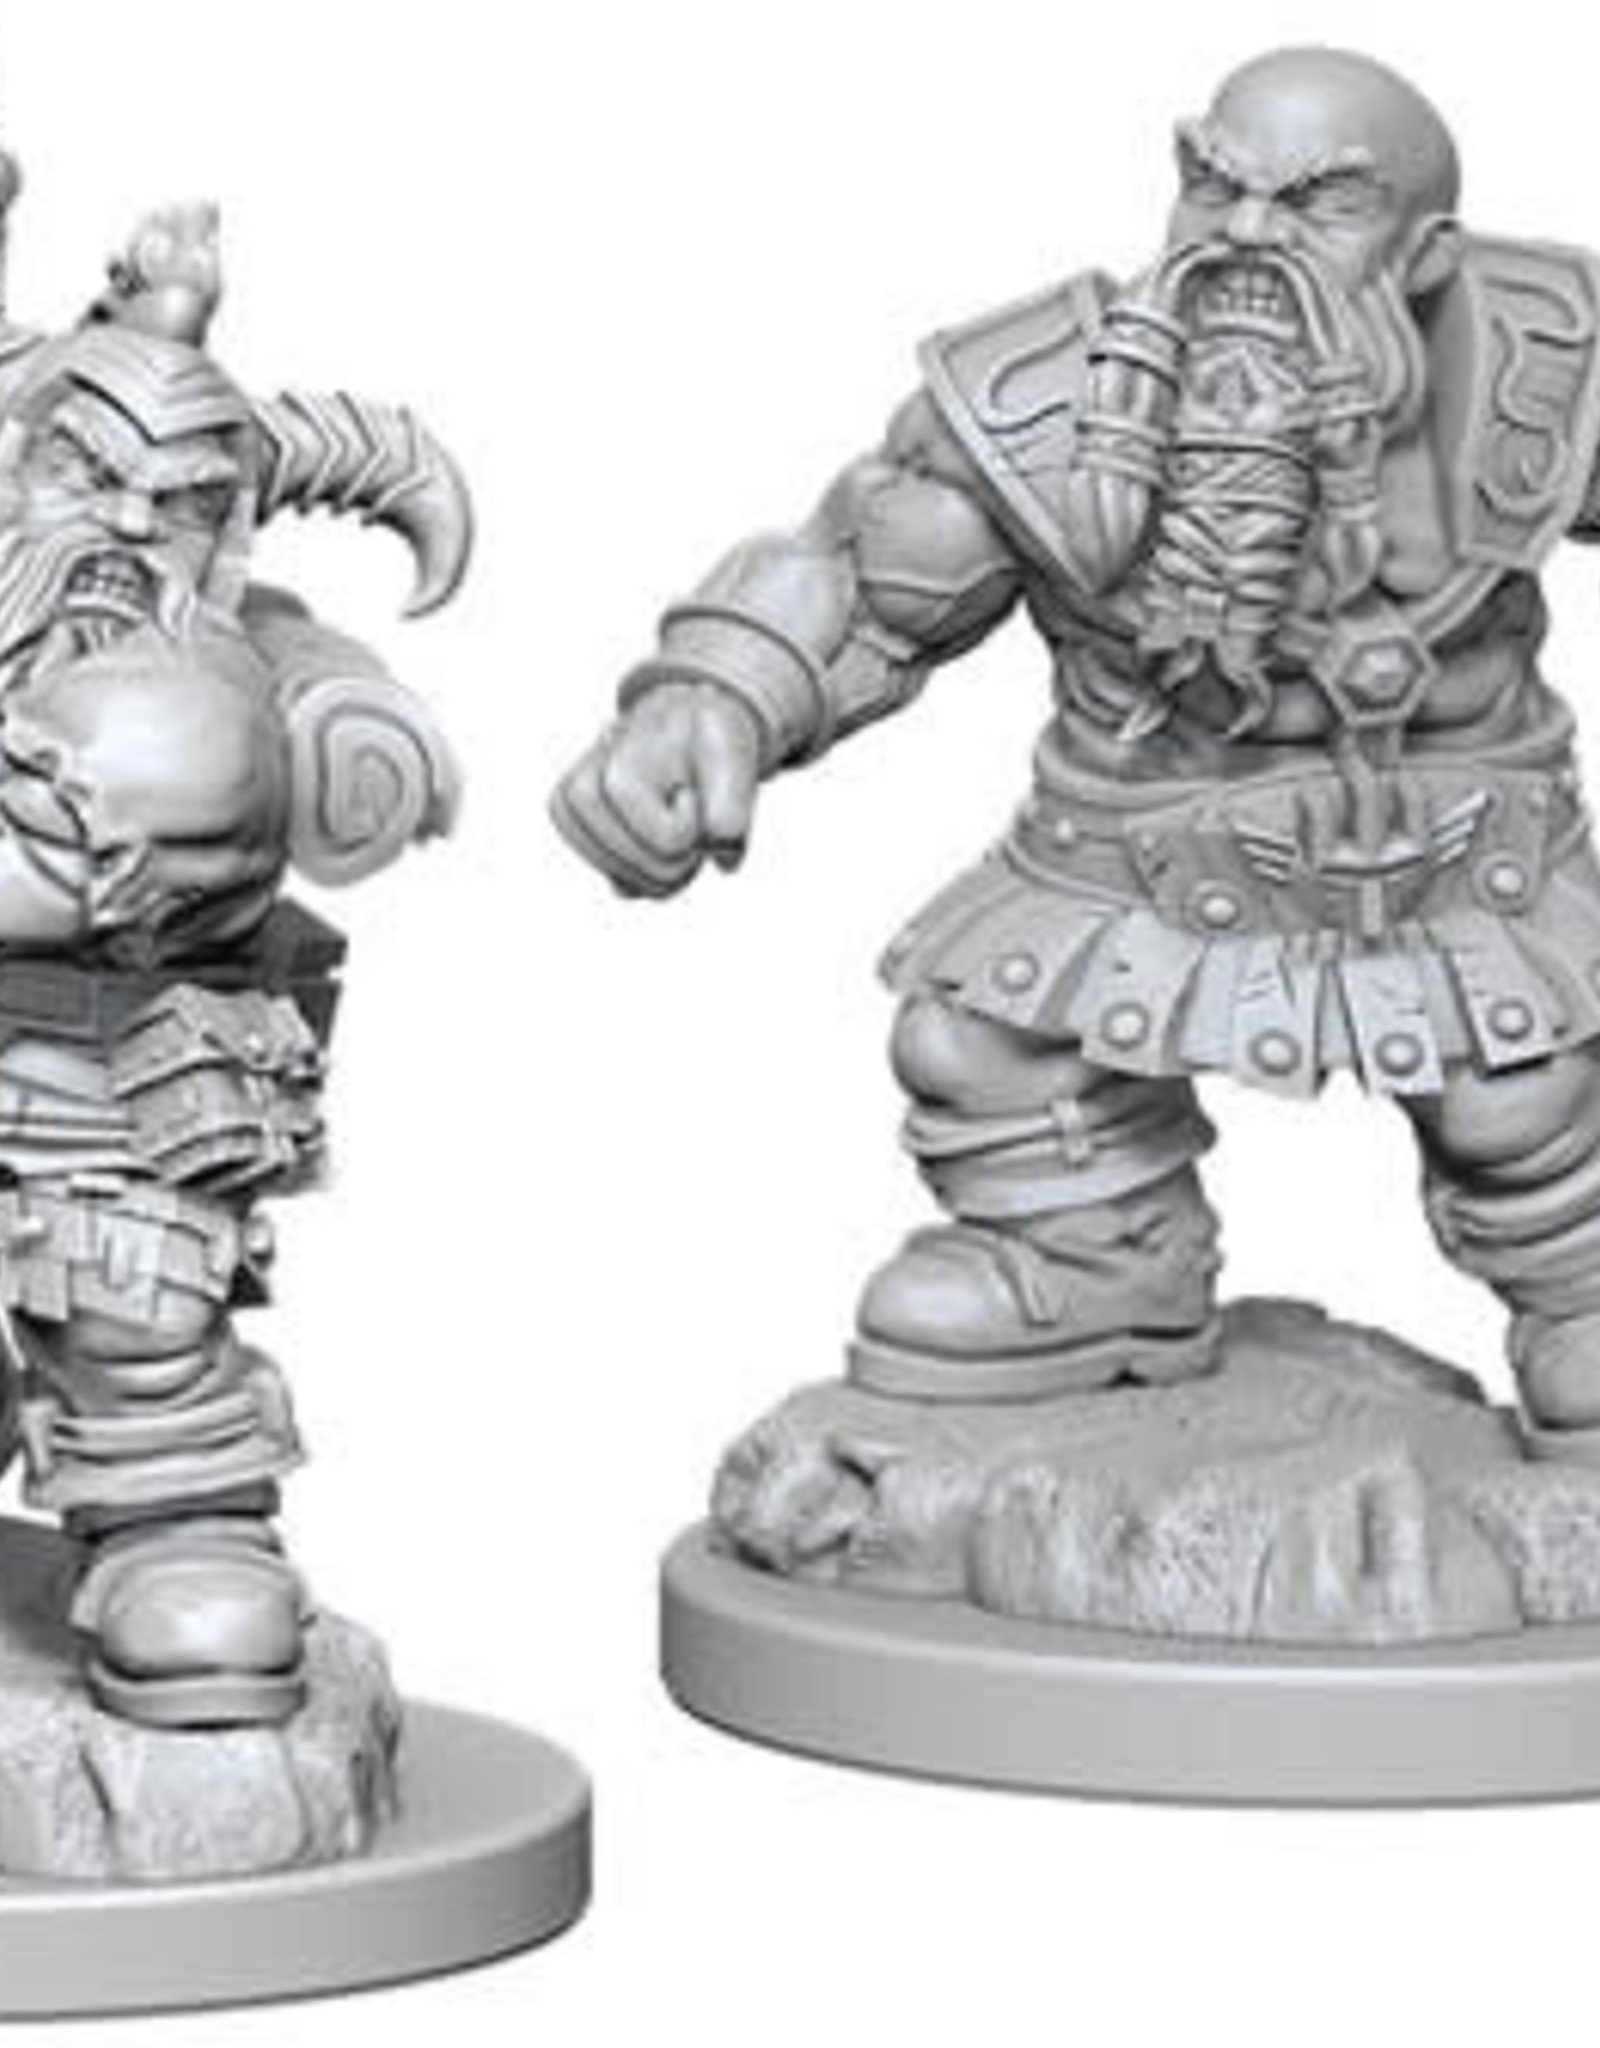 WizKids D&D Nolzur Dwarf Barbarian  (He/Him/They/Them)